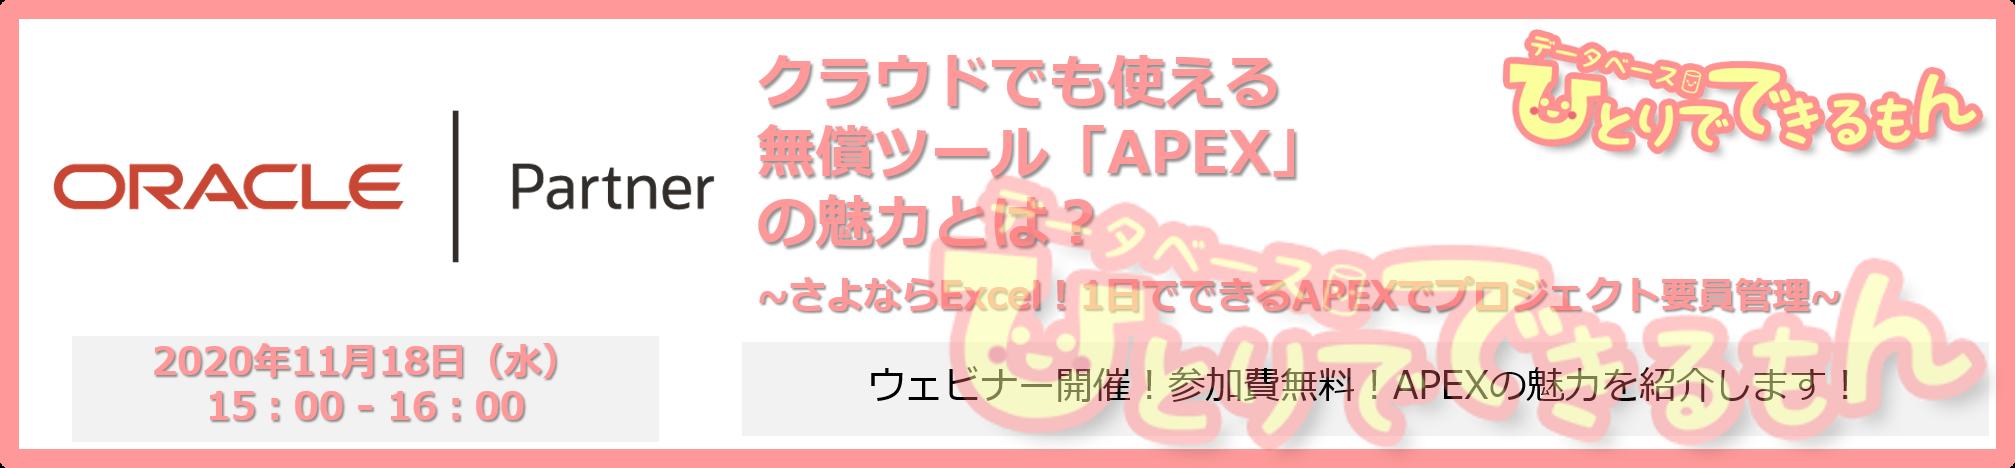 【ウェビナー告知】クラウドでも使える無償ツール「APEX」の魅力とは?